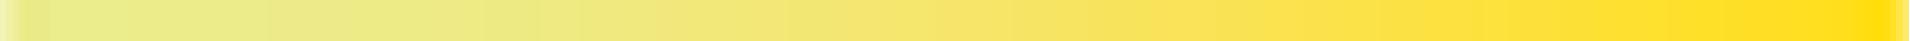 Rango de Color del Colorante Natural Alimentario Curcumina